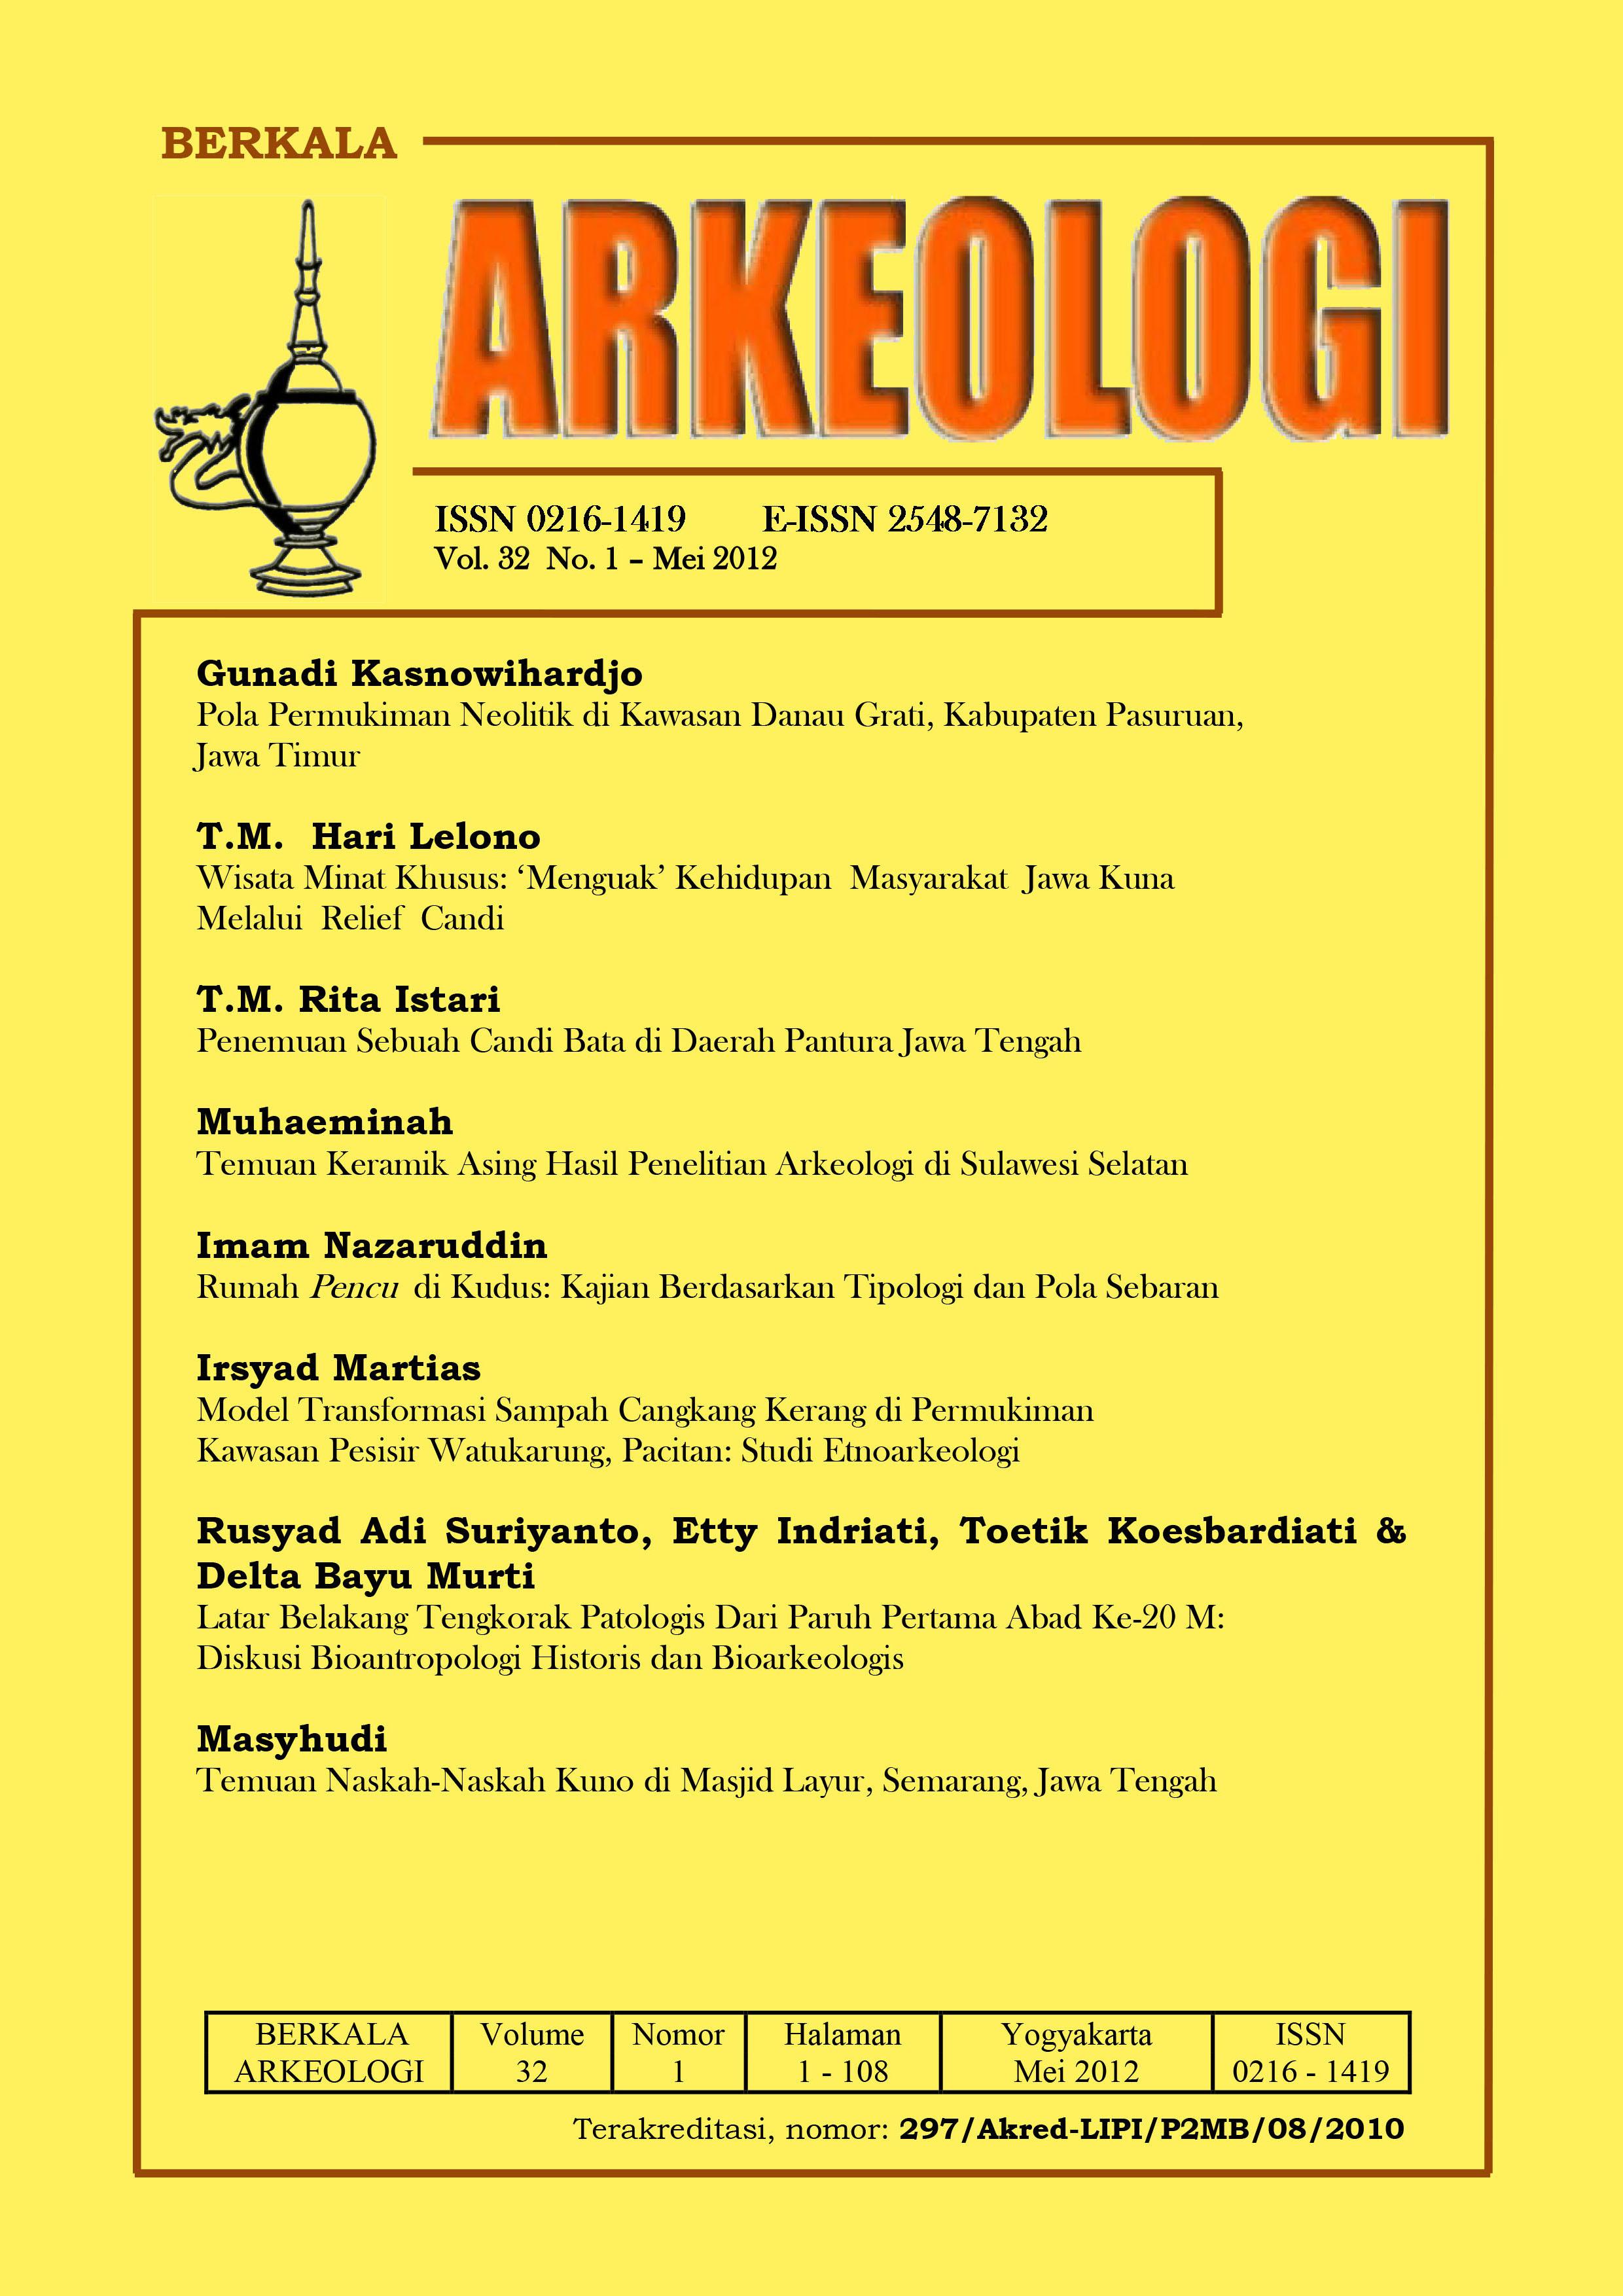 BERKALA ARKEOLOGI May 2012